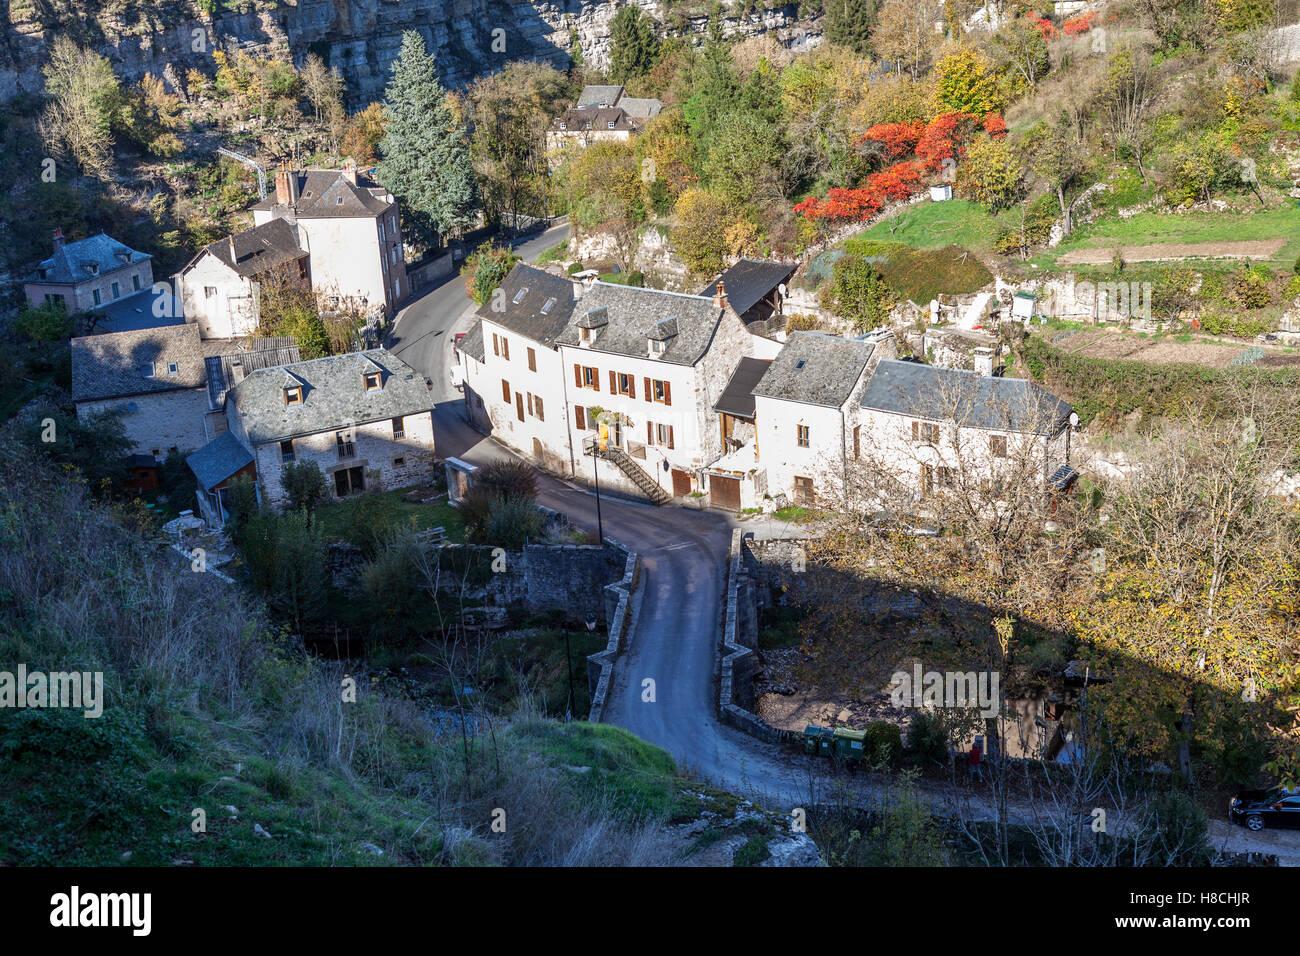 Das Bozouls Loch im Herbst und ein Teil des Dorfes (Frankreich). Das Loch ist eine hufeisenförmige Schlucht Stockbild